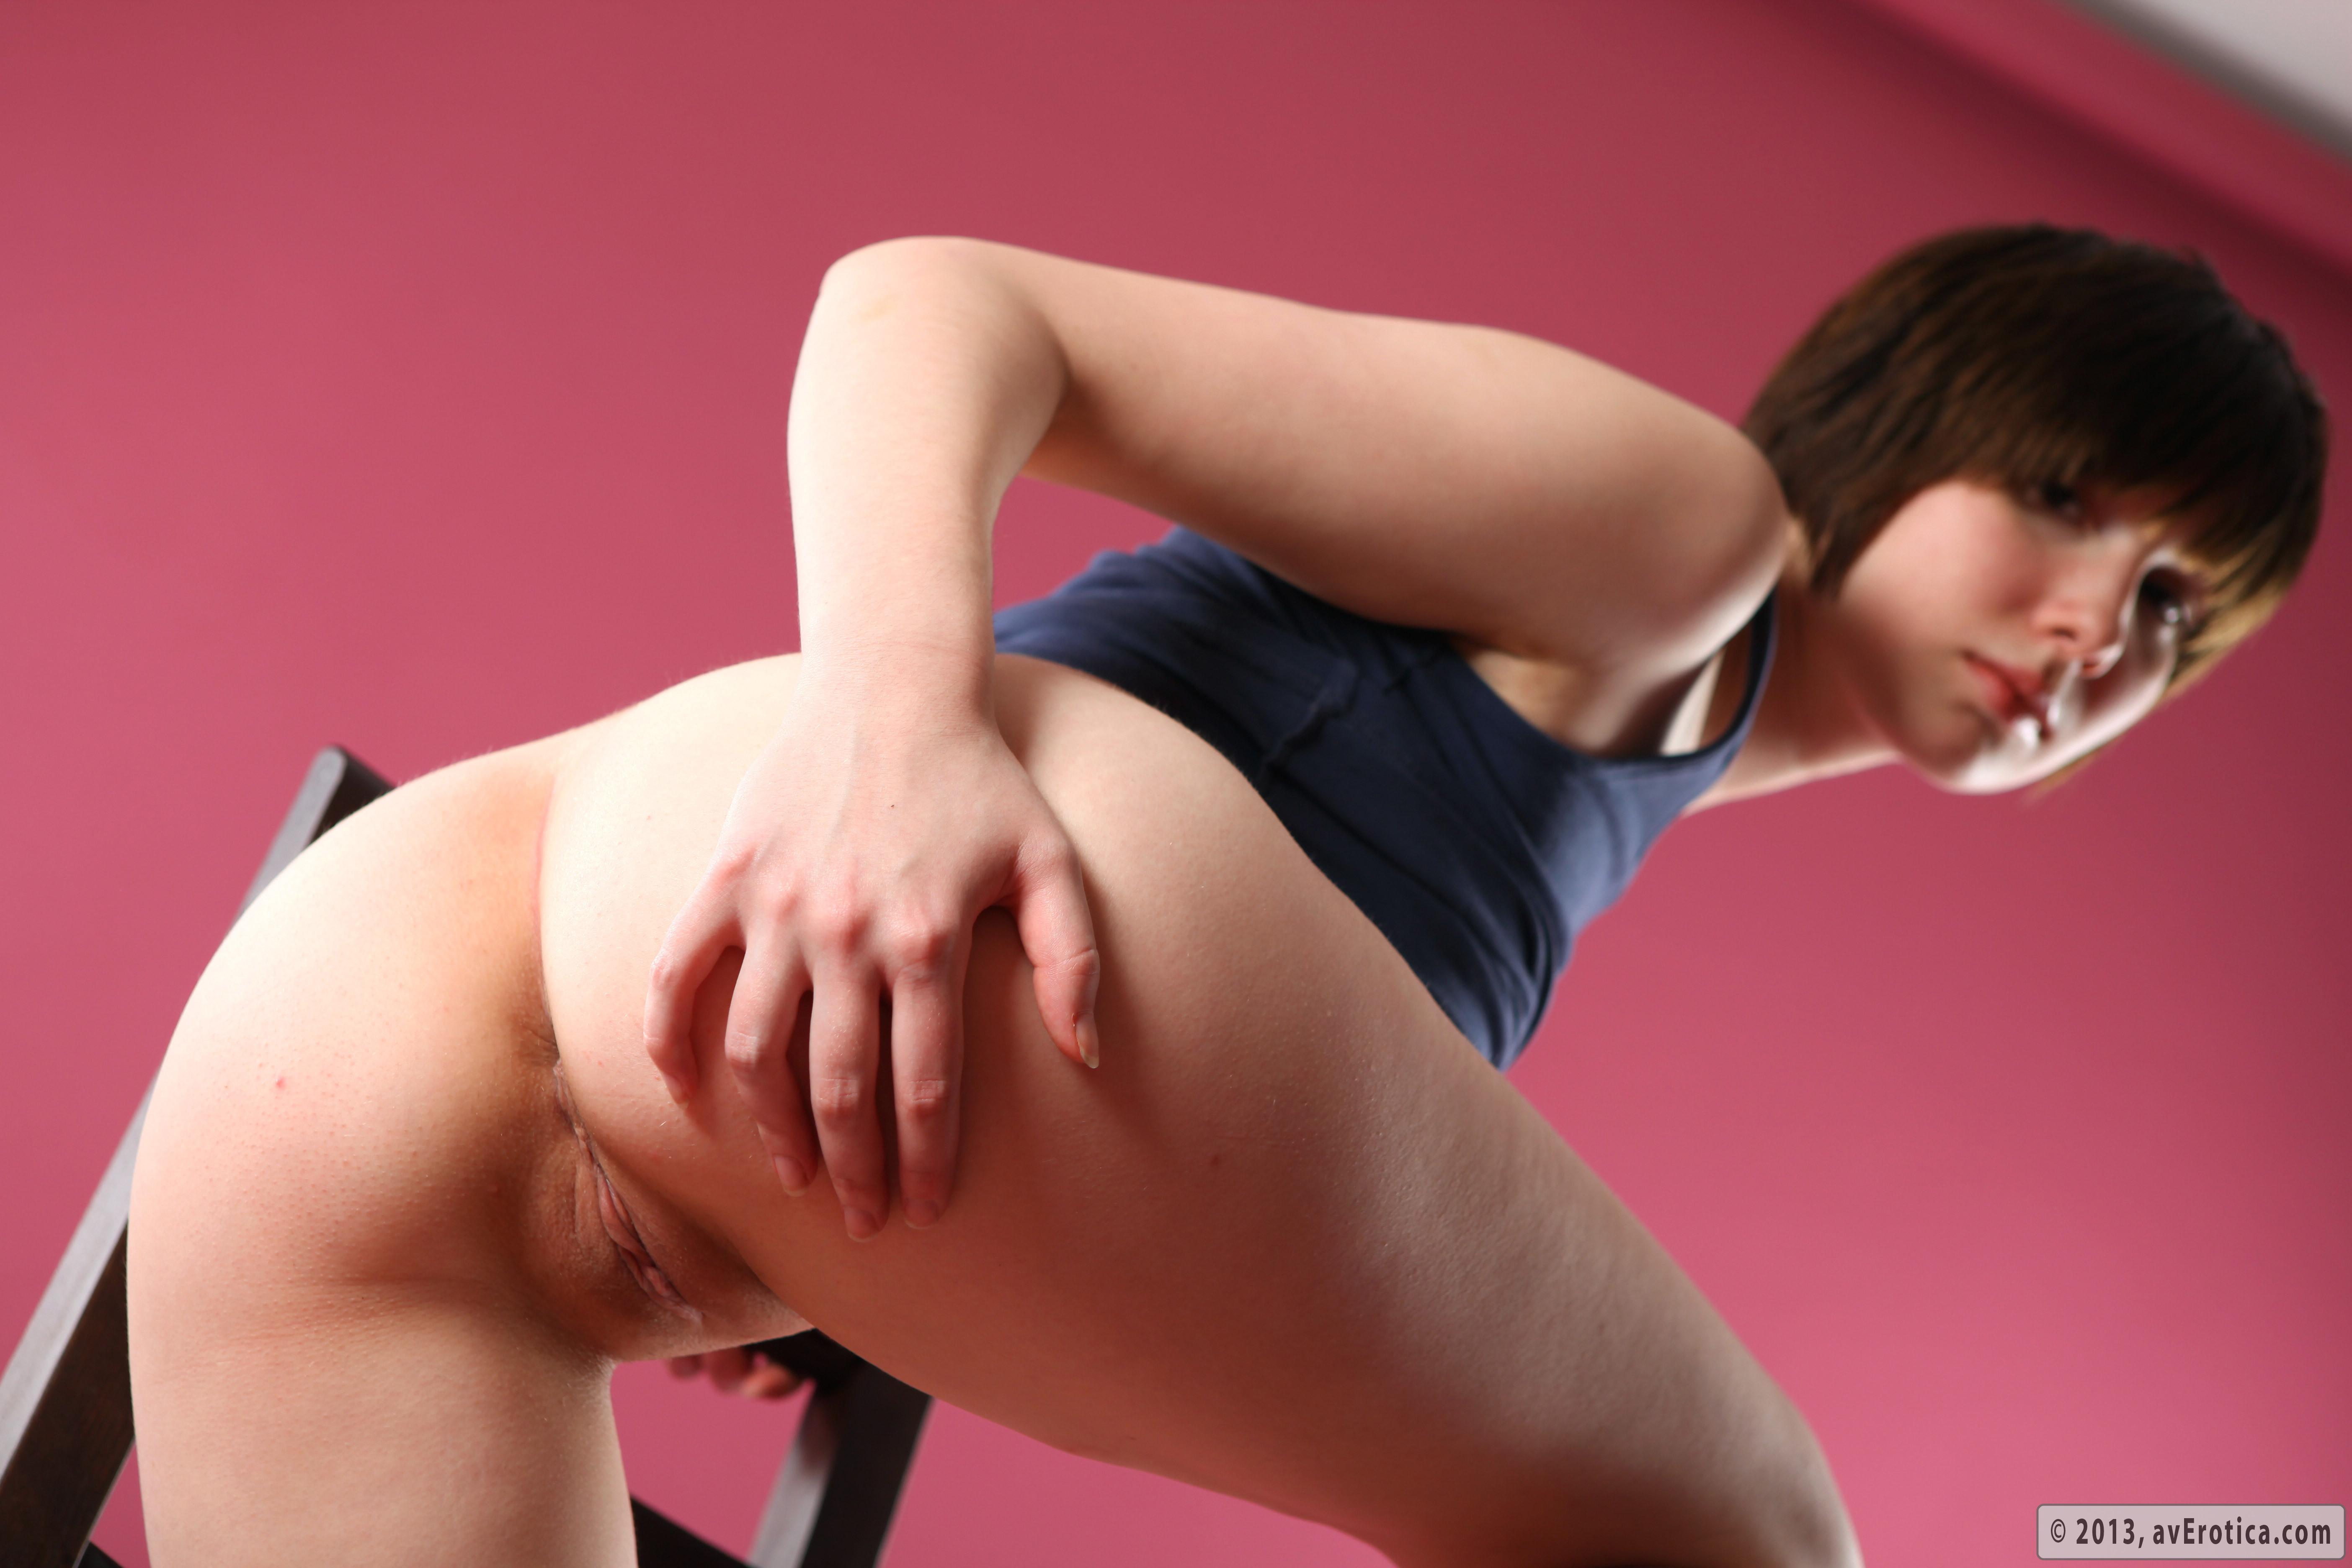 Девушка с красивой грудью снимается в студии, показывая свое обнаженное тело в разных ракурсах